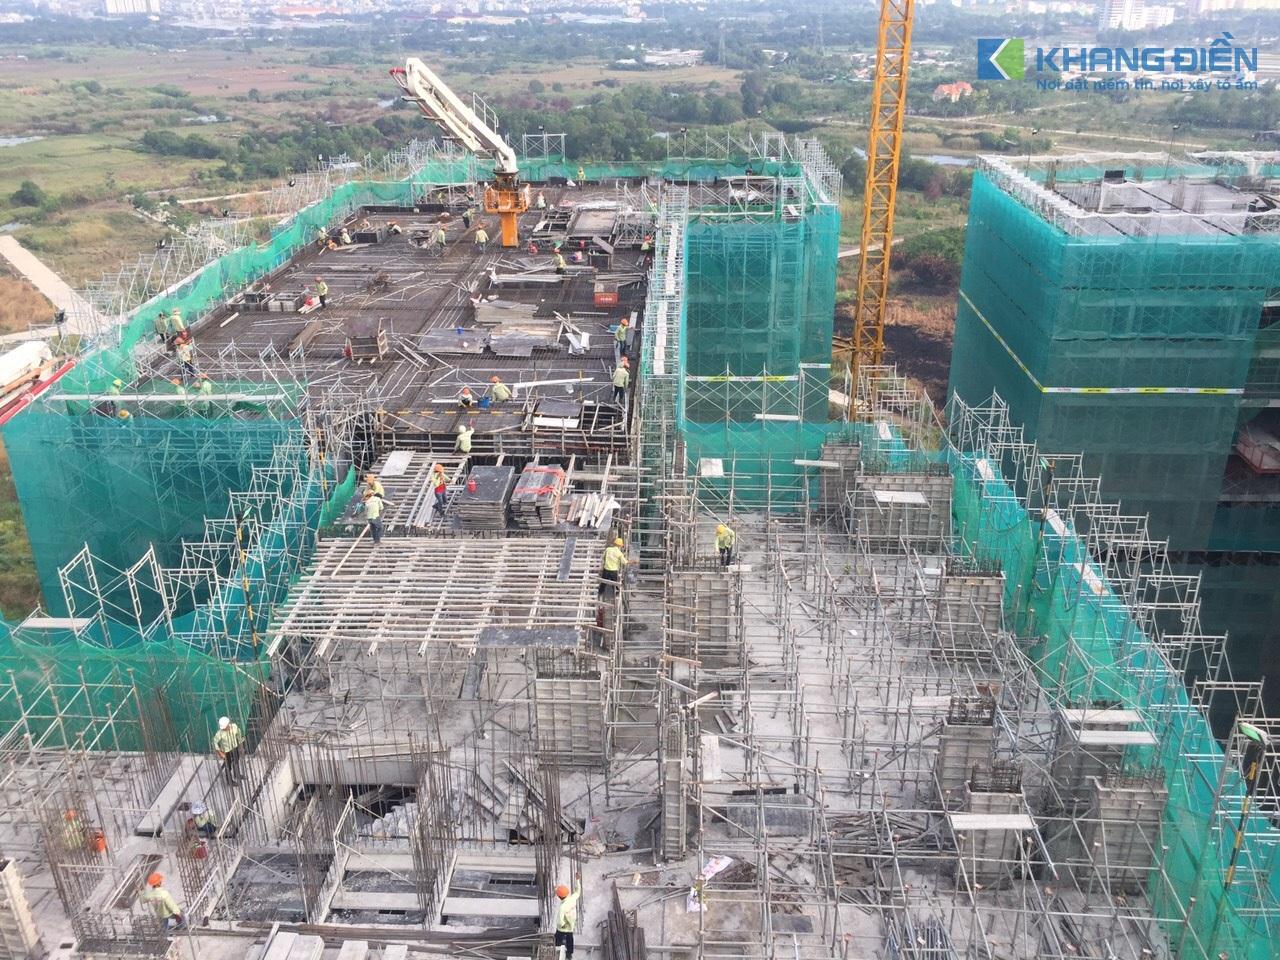 Một góc nhìn khác phía bên trên công trường Lovera Vista - Khang Điền HCM